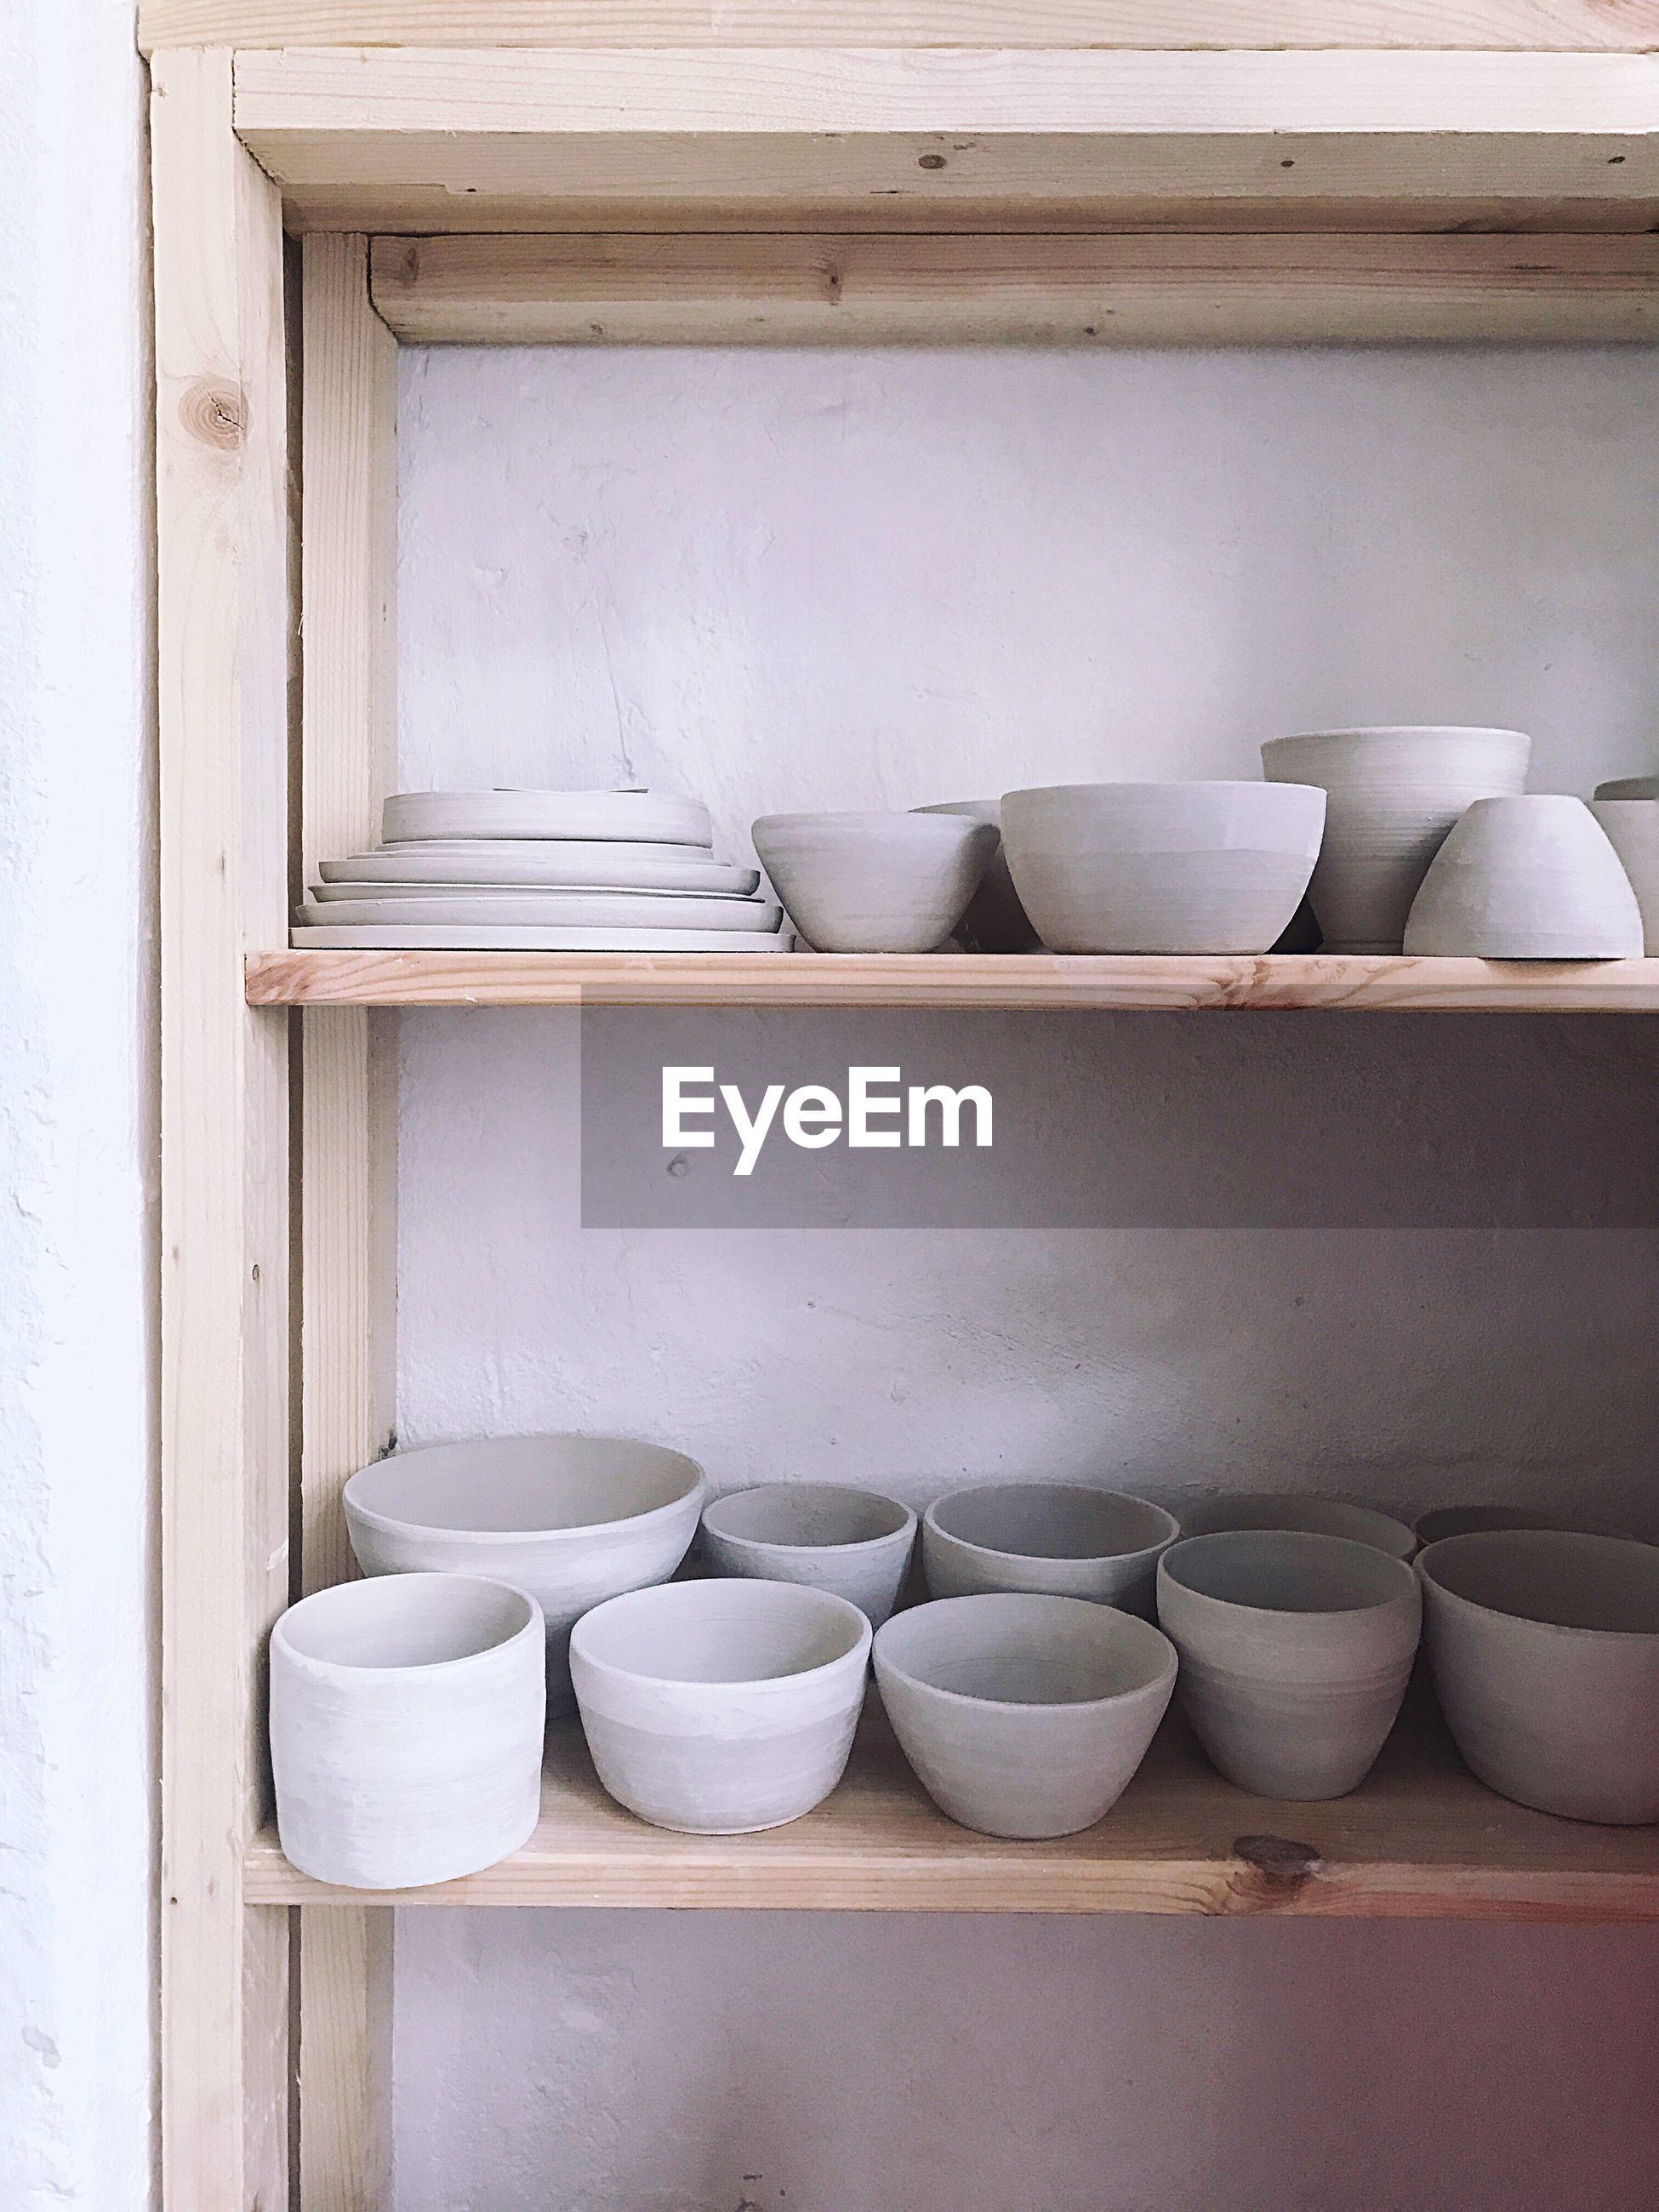 Crockery in shelf against wall